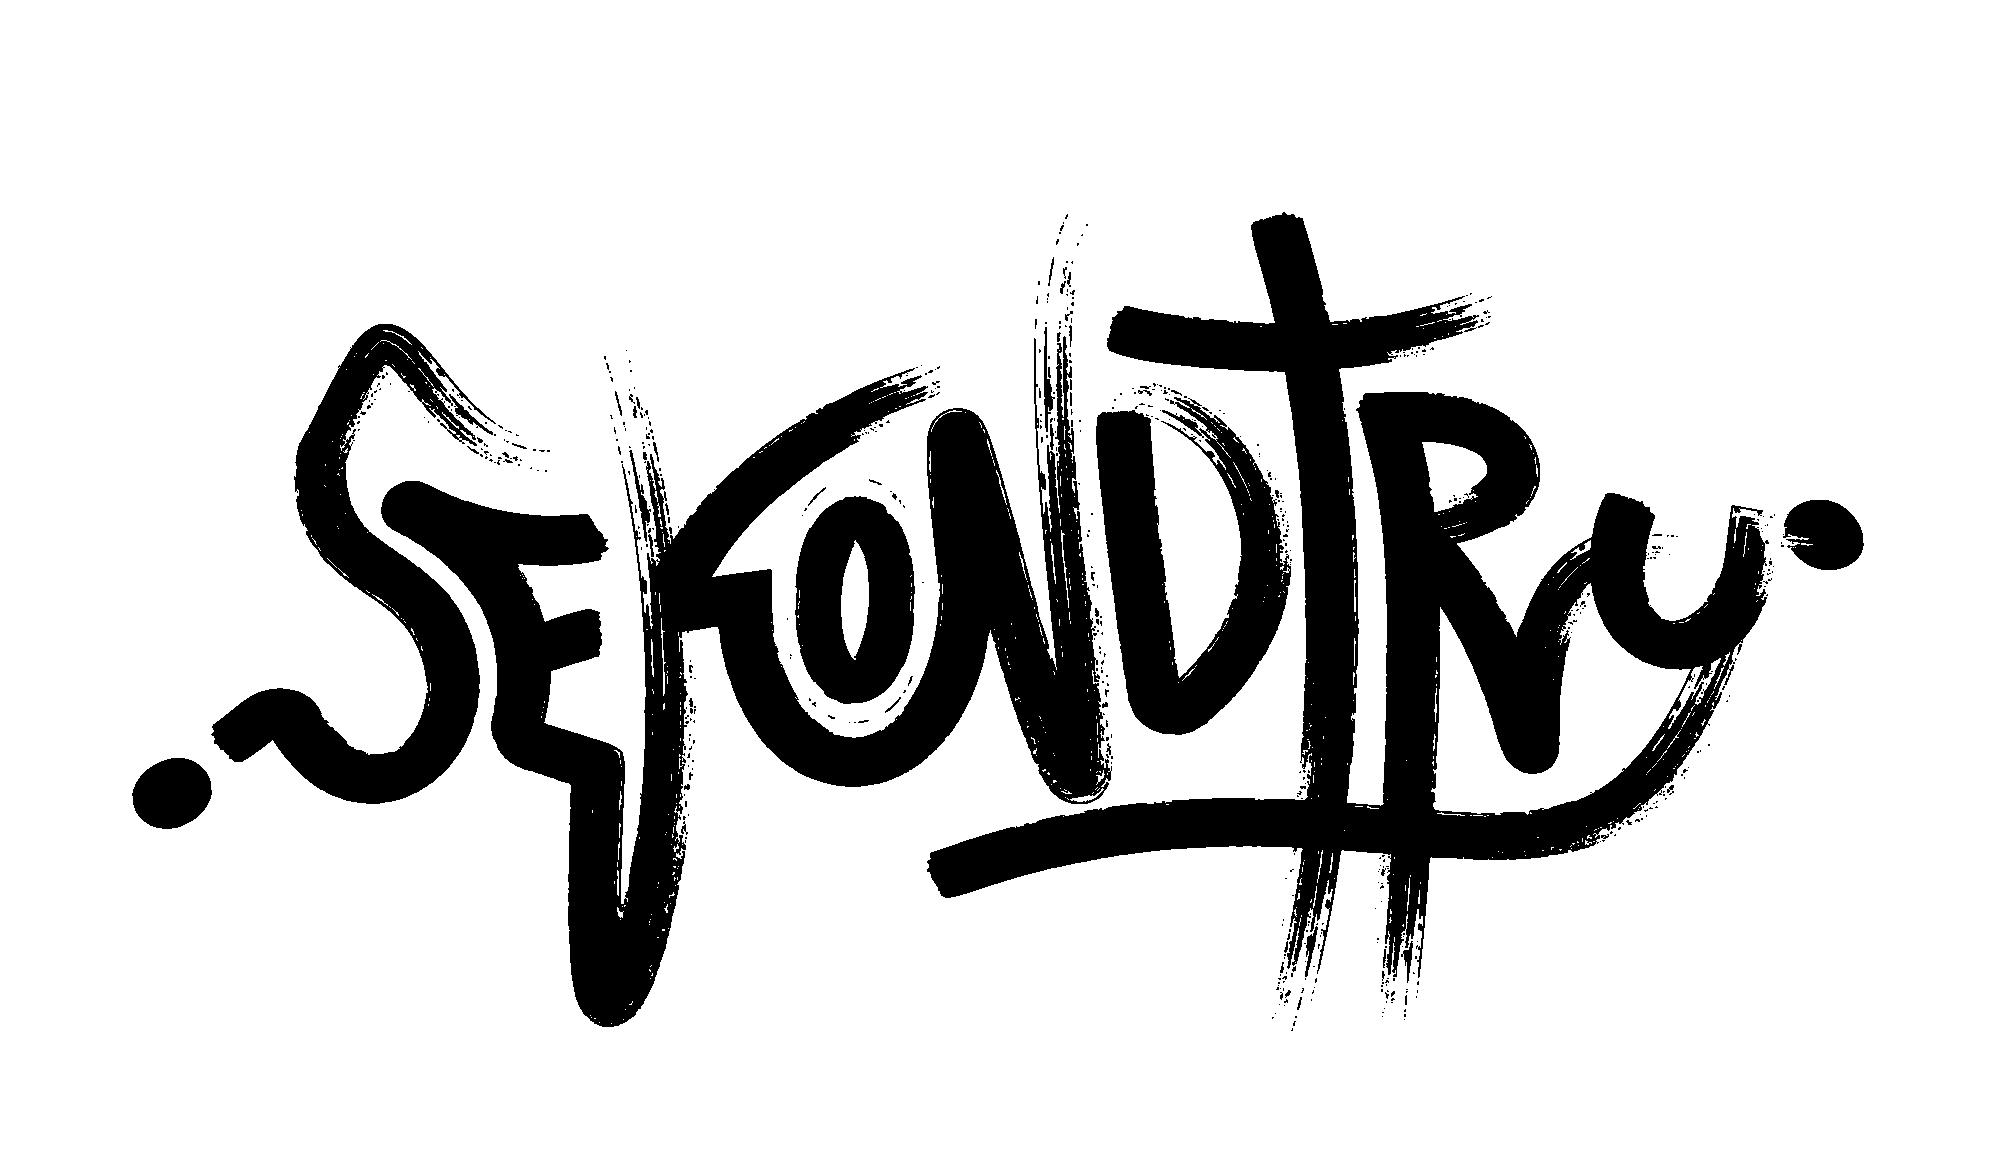 SEKONDTRY